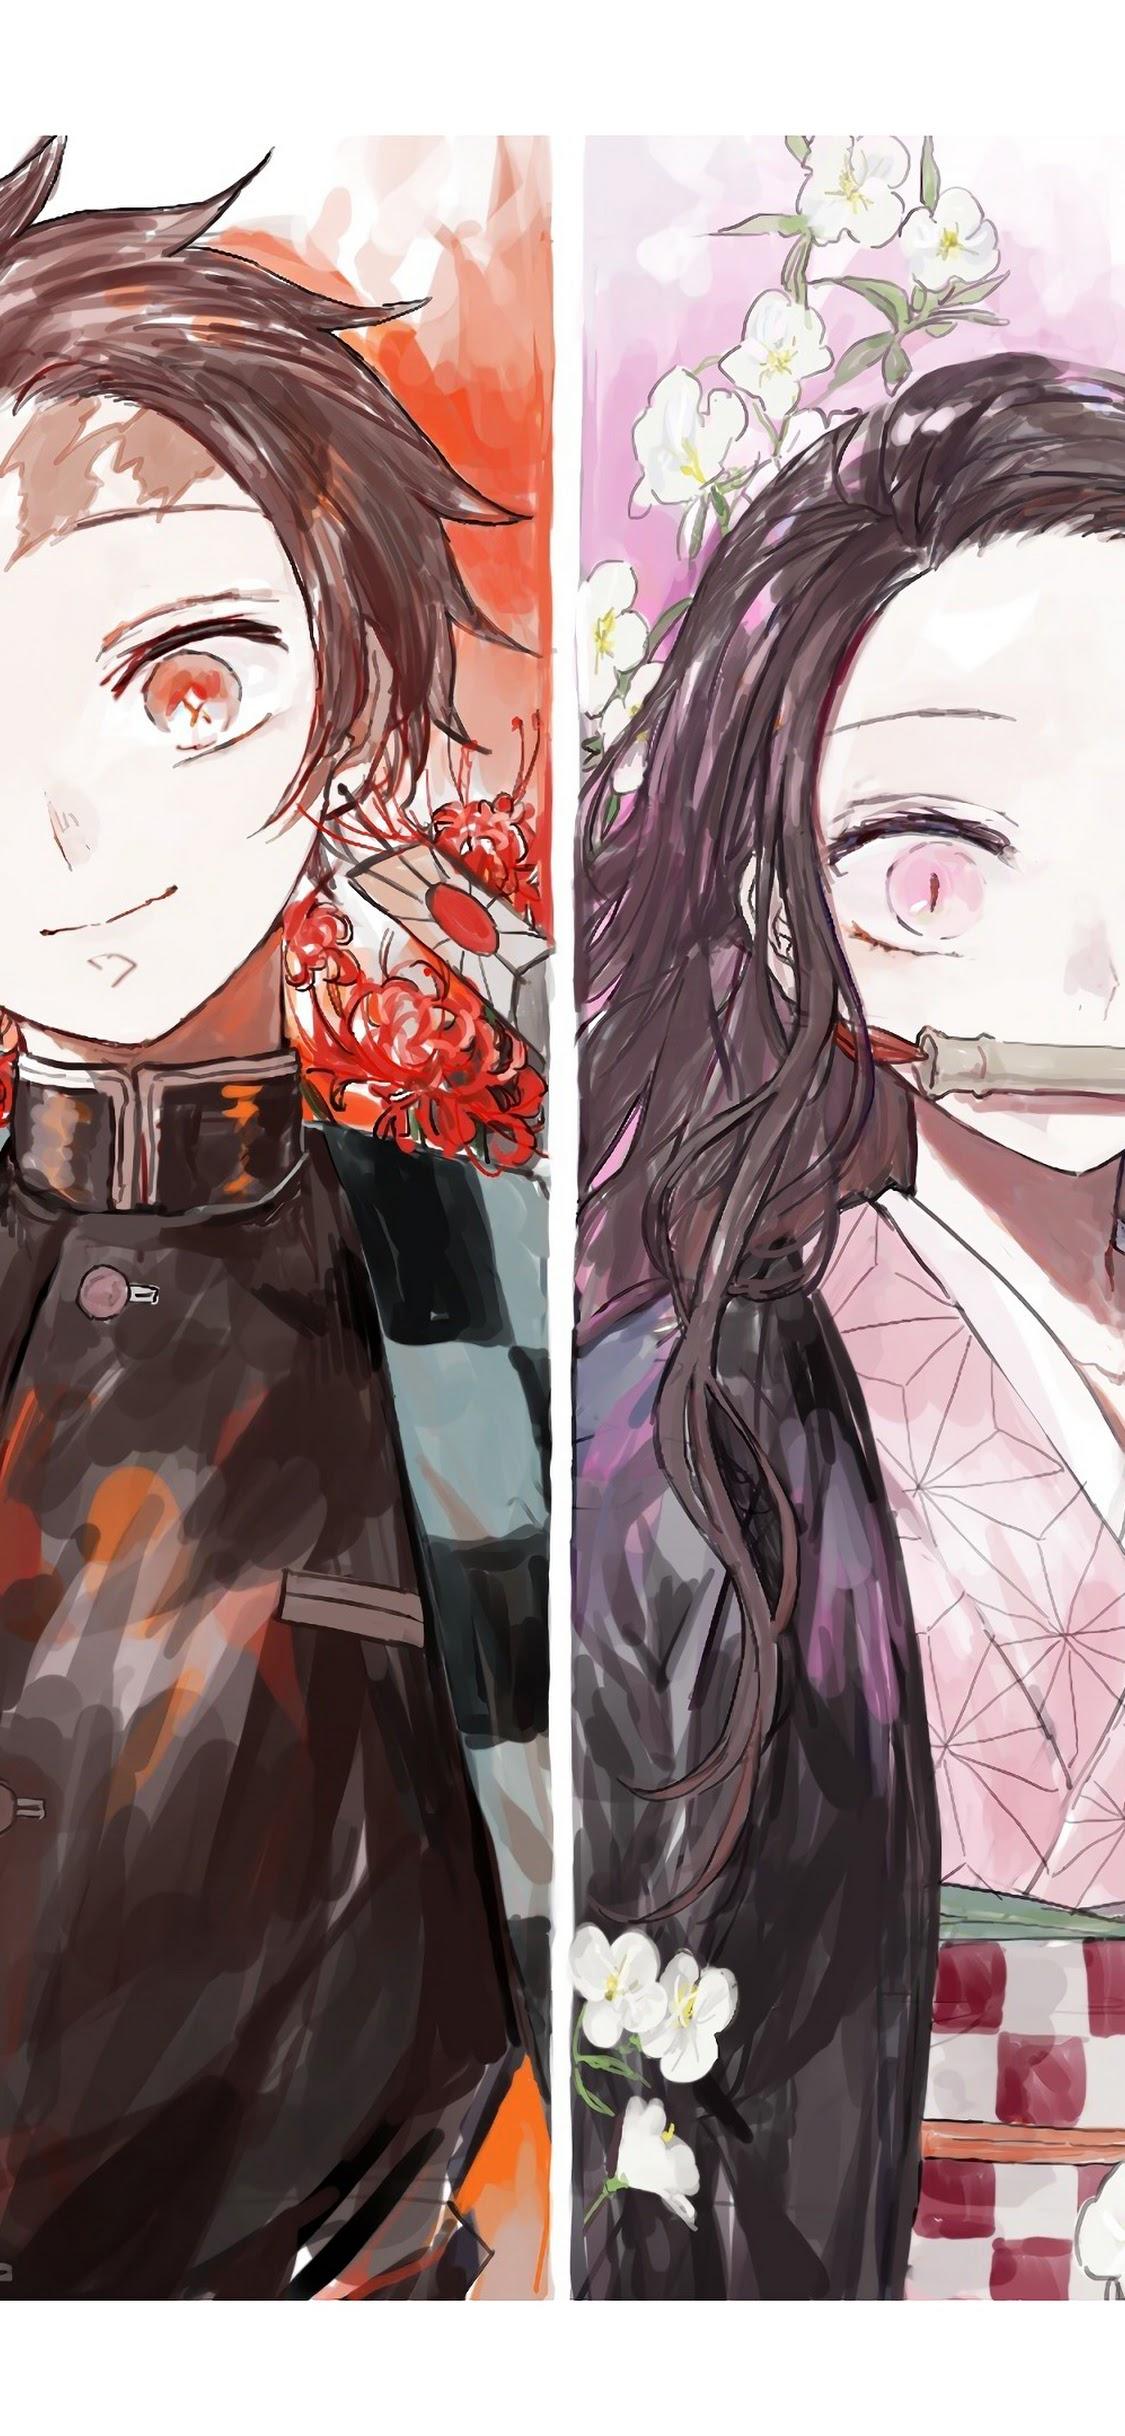 Kimetsu No Yaiba, Demon Hunters, 4k, - Demon Hunter Kimetsu No Yaiba - HD Wallpaper